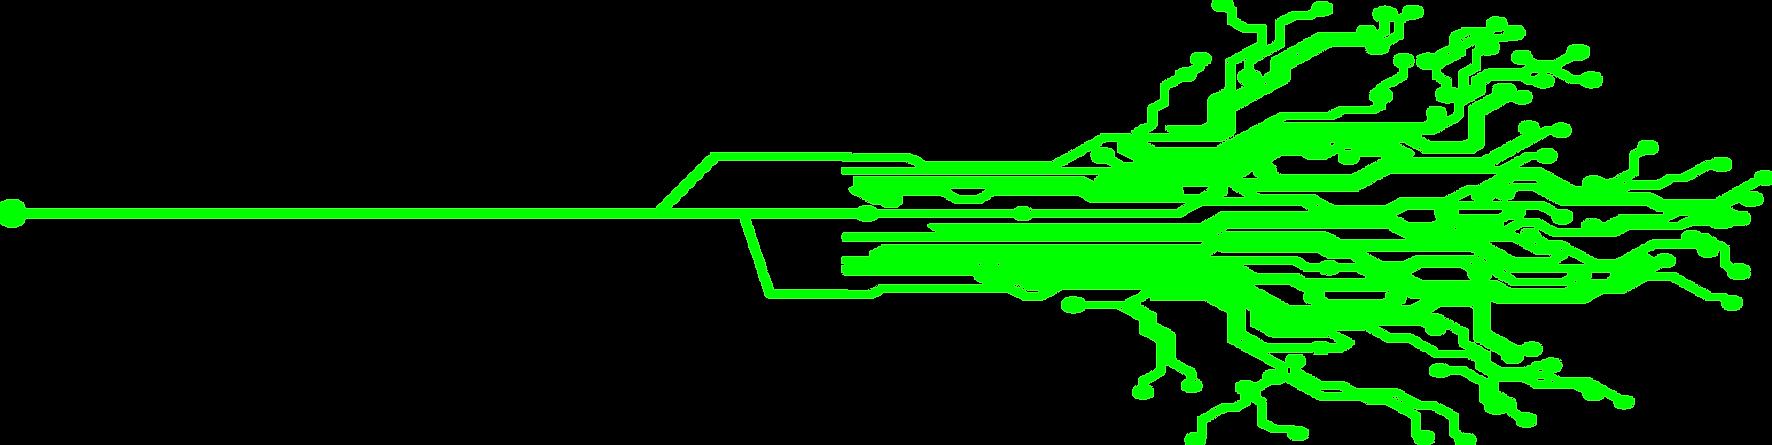 Circuit - Green Brook Electronics